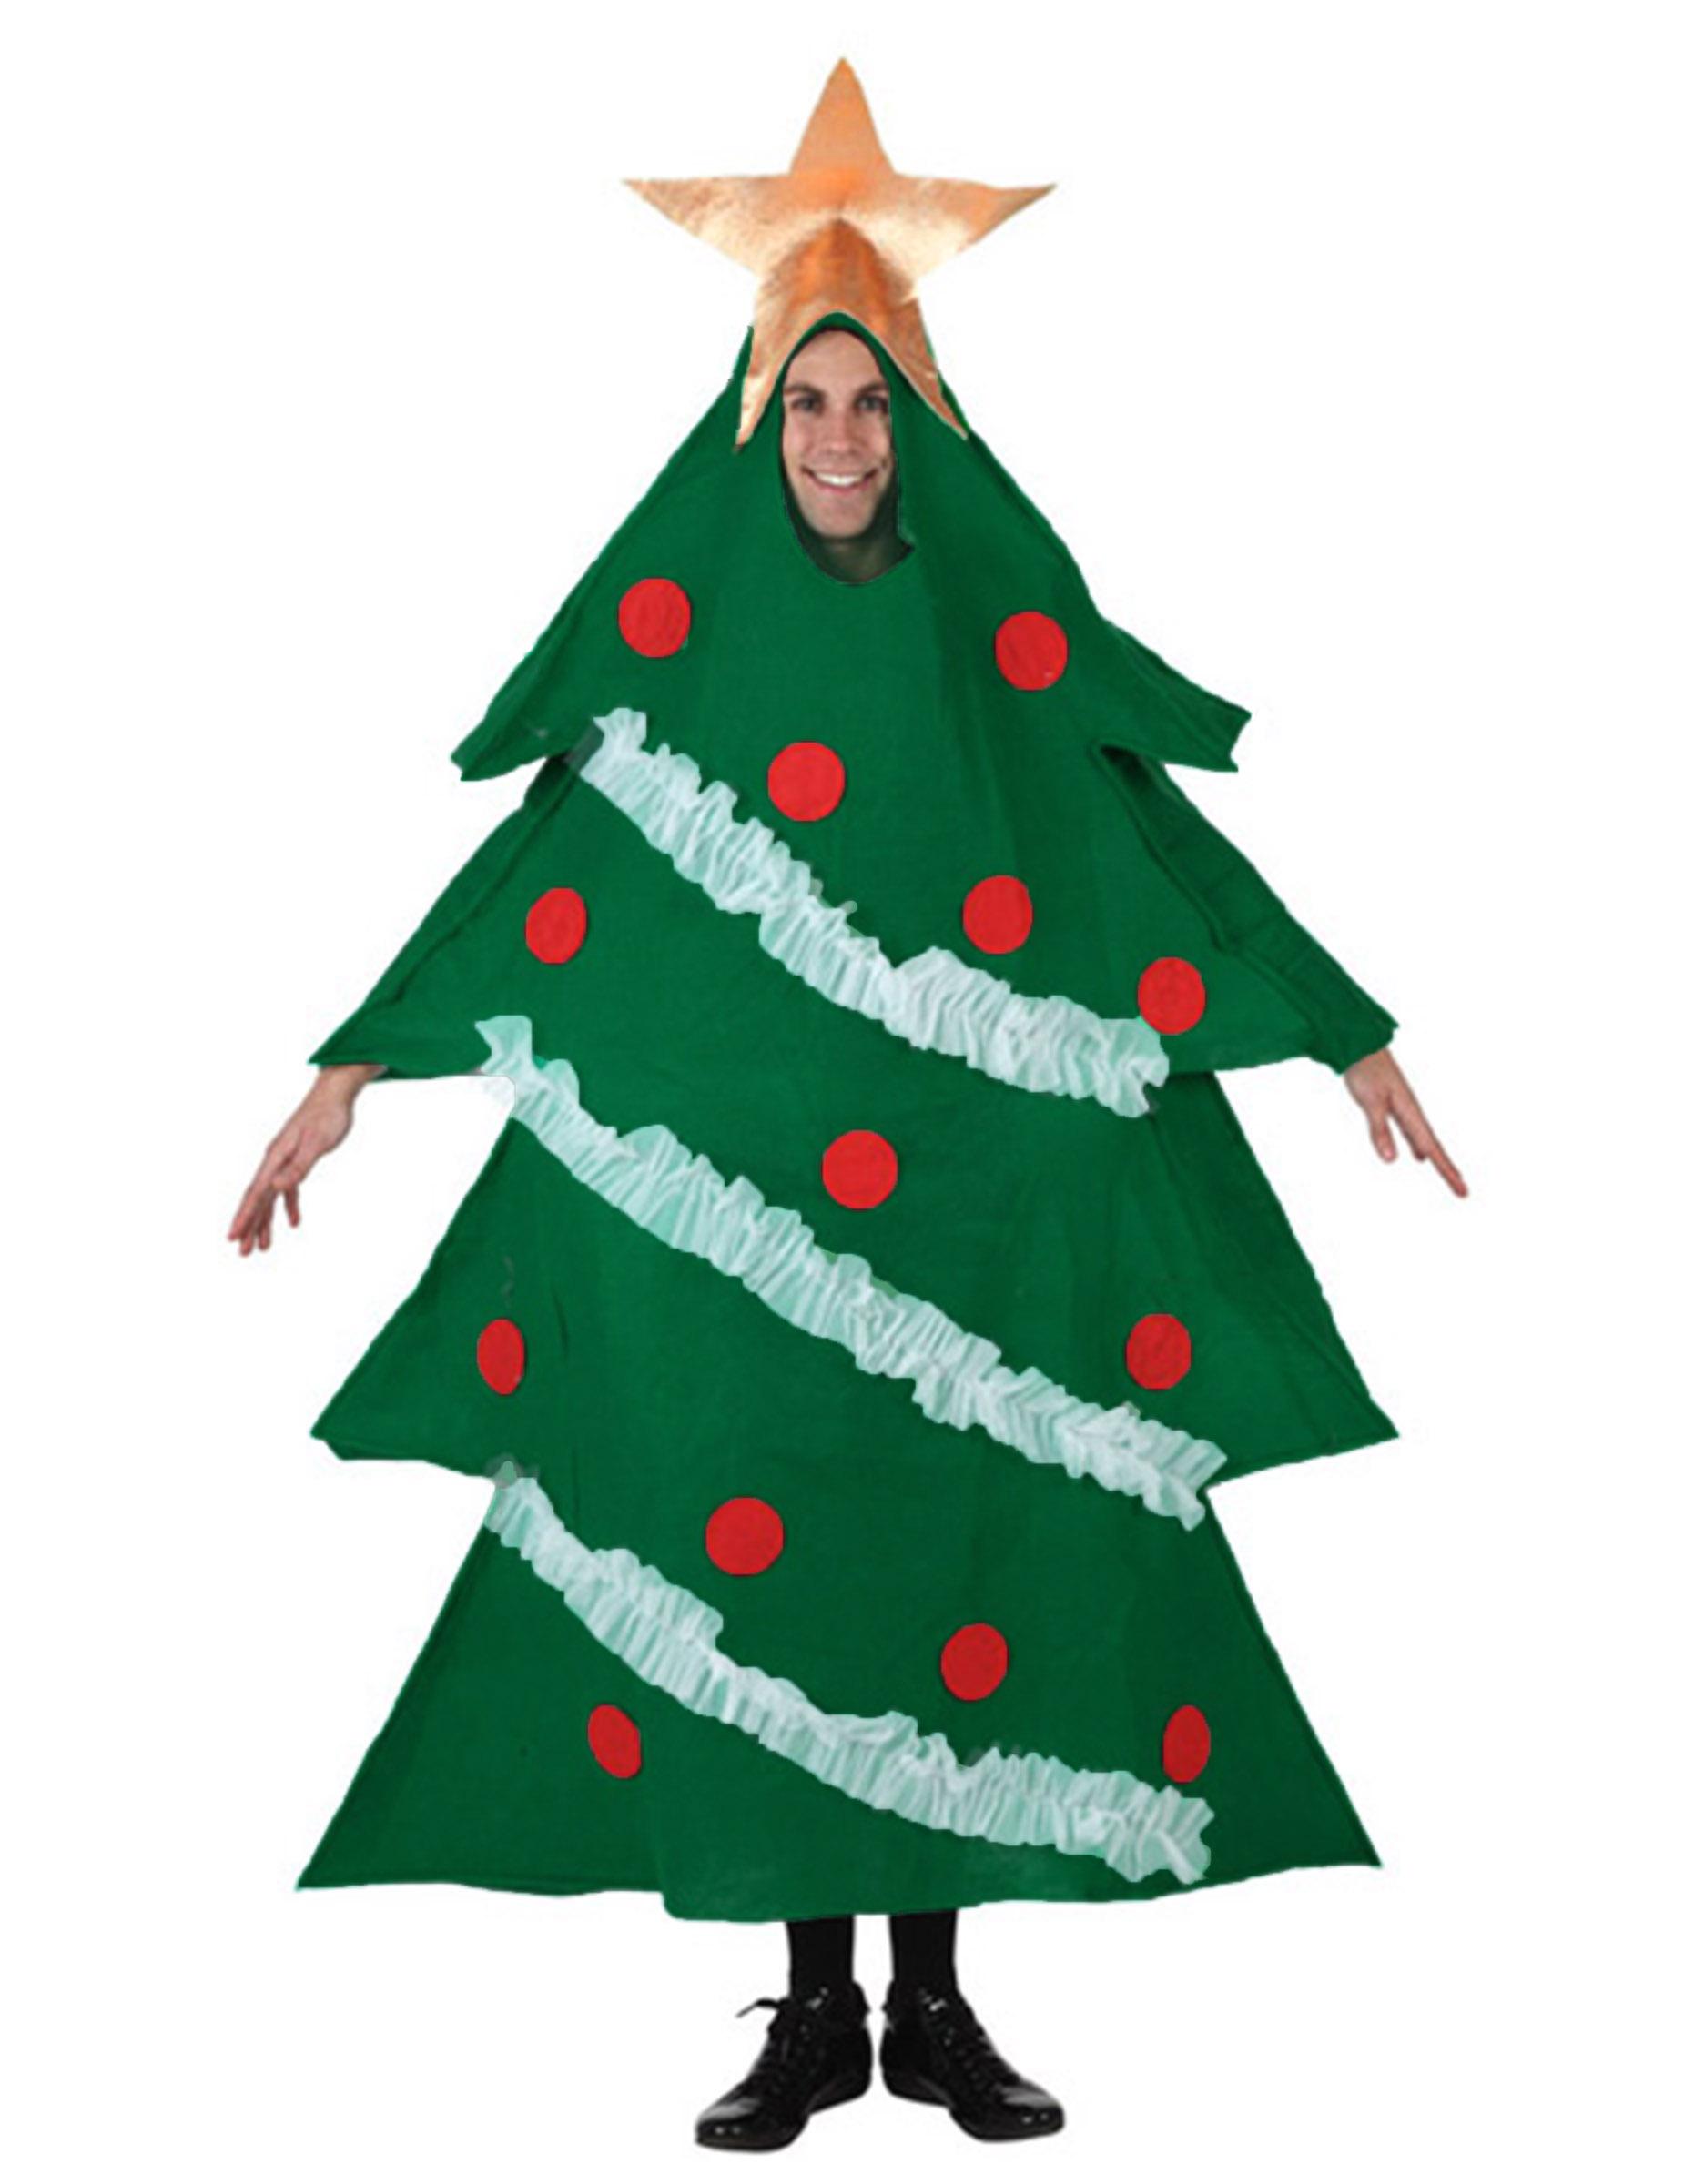 Deguisement Sapin De Noel Déguisement sapin décoré adulte Noël : Deguise toi, achat de